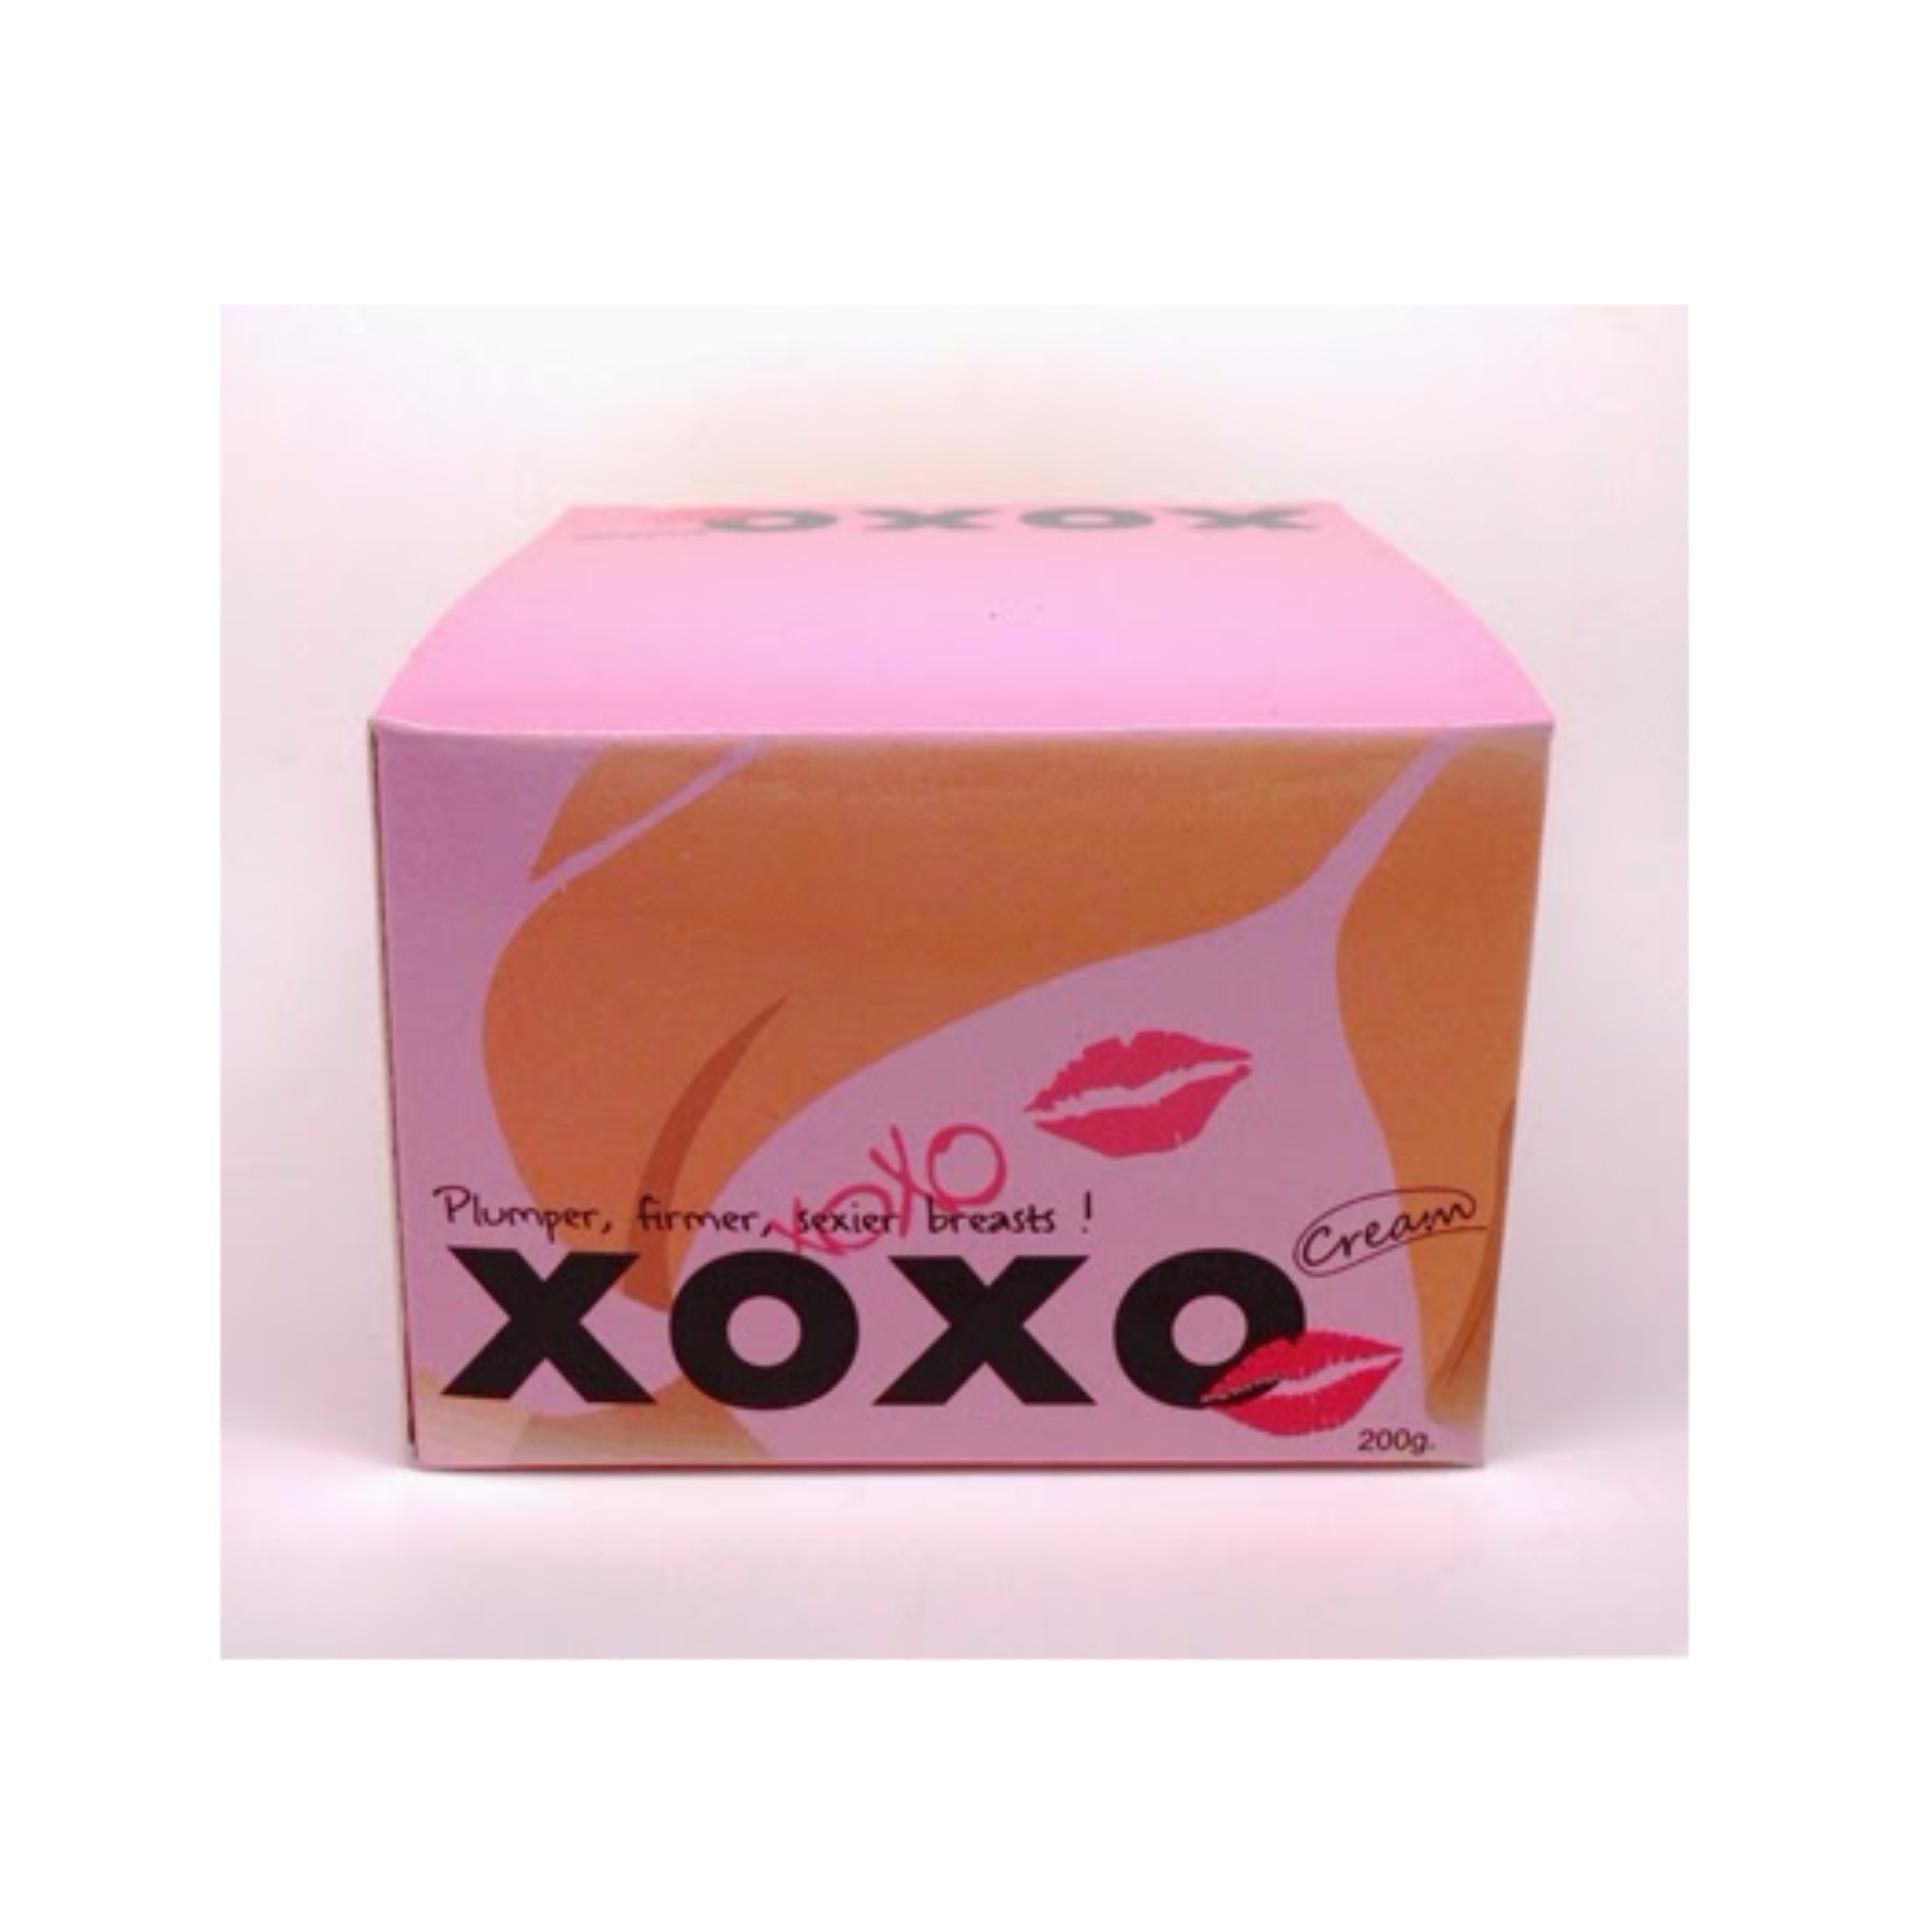 Flash Sale Xoxo Cream Pembesar dan Pengencang Payudara Alami bergaransi